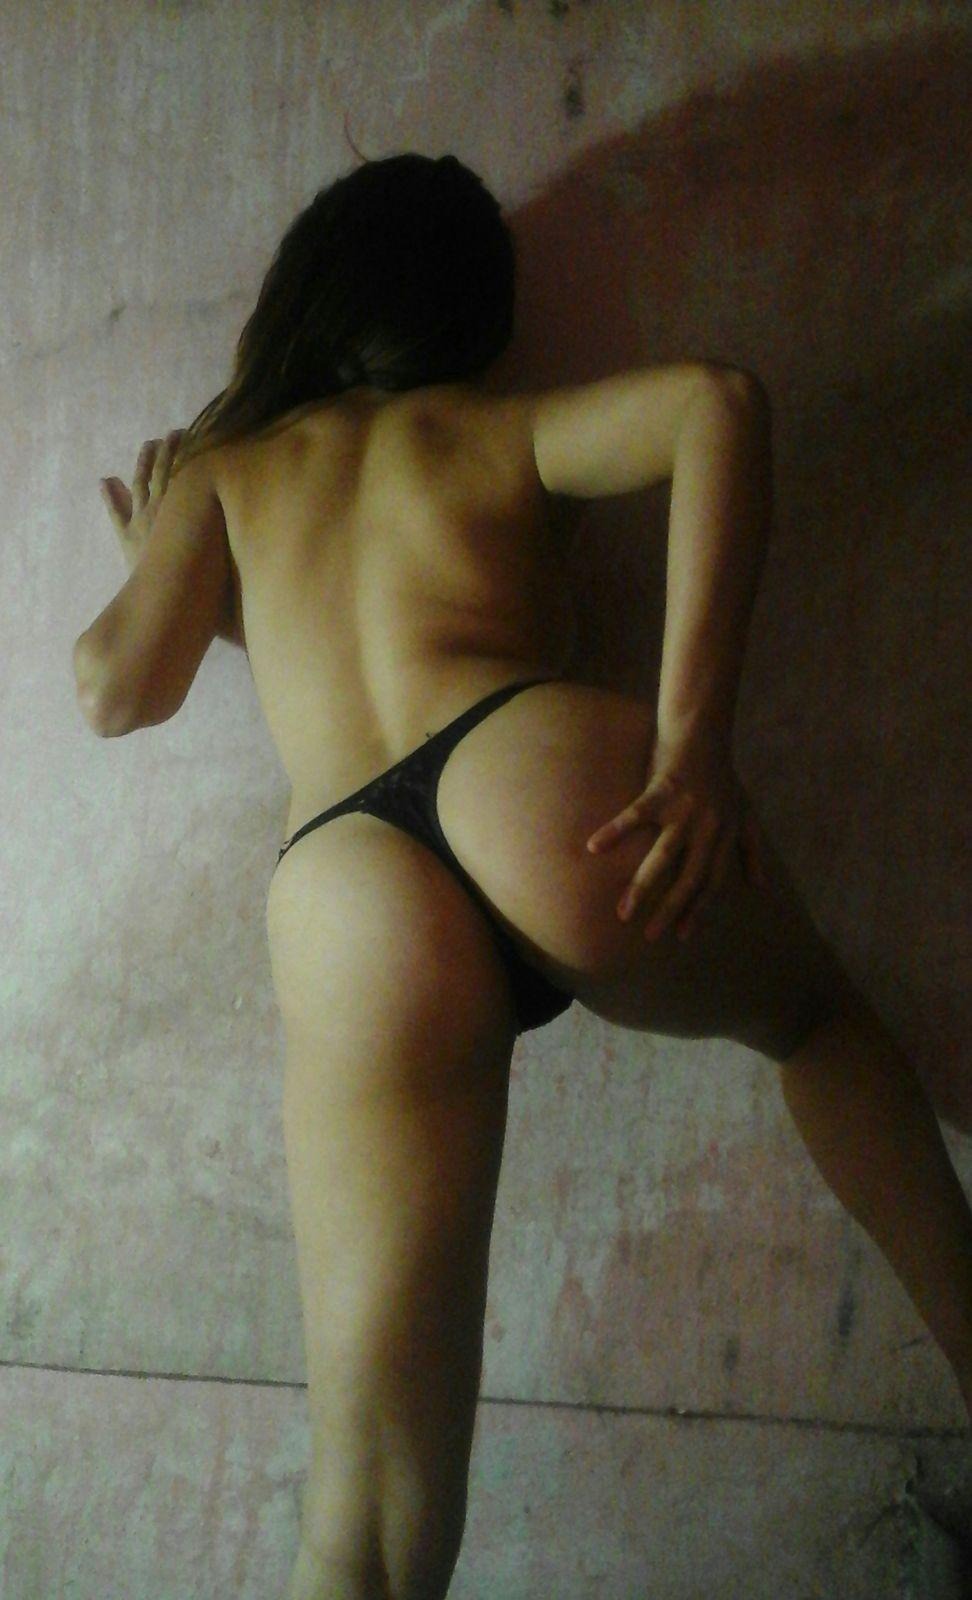 Filapino amateur girls